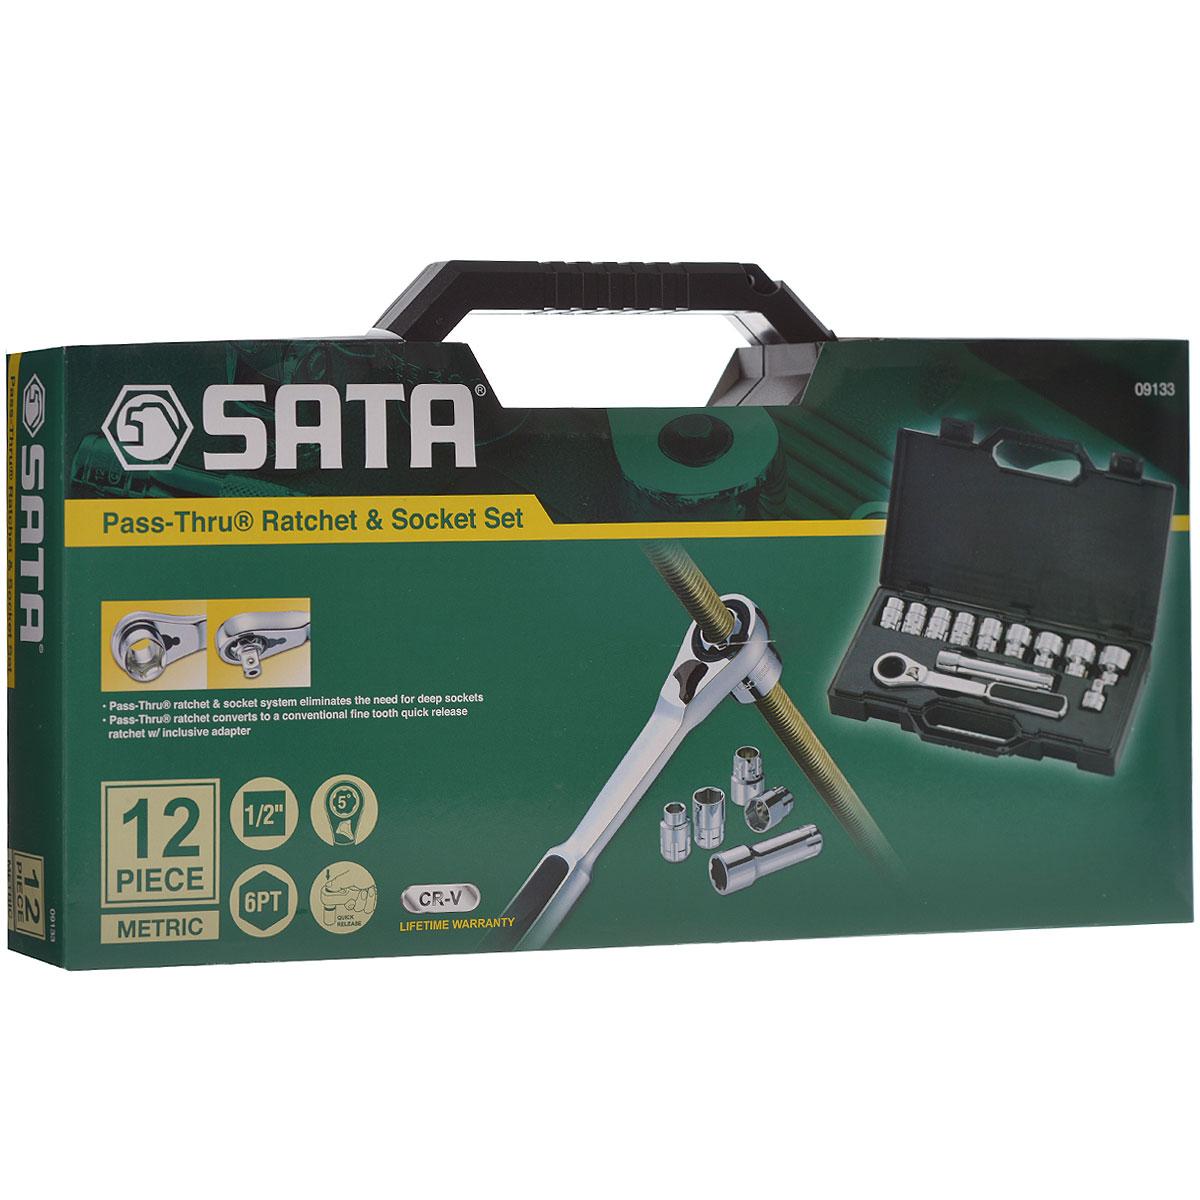 Набор торцевых головок SATA 12пр. 0913380623Набор инструментов Sata - это необходимый предмет в каждом доме и автомобиле. Набор прекрасно подойдет для проведения ремонтных работ в домашних условиях. Все инструменты выполнены из высококачественной хромованадиевой стали. В комплекте пластиковый кейс для переноски и хранения.Состав набора:Метрические торцевые головки Vortex: 19, 20, 21, 22, 24, 27, 30, 32, 34 мм.Быстросъемный переходник.Удлинитель для торцевых головок Vortex длиной 15 см.Храповая рукоятка Pass-Thru.